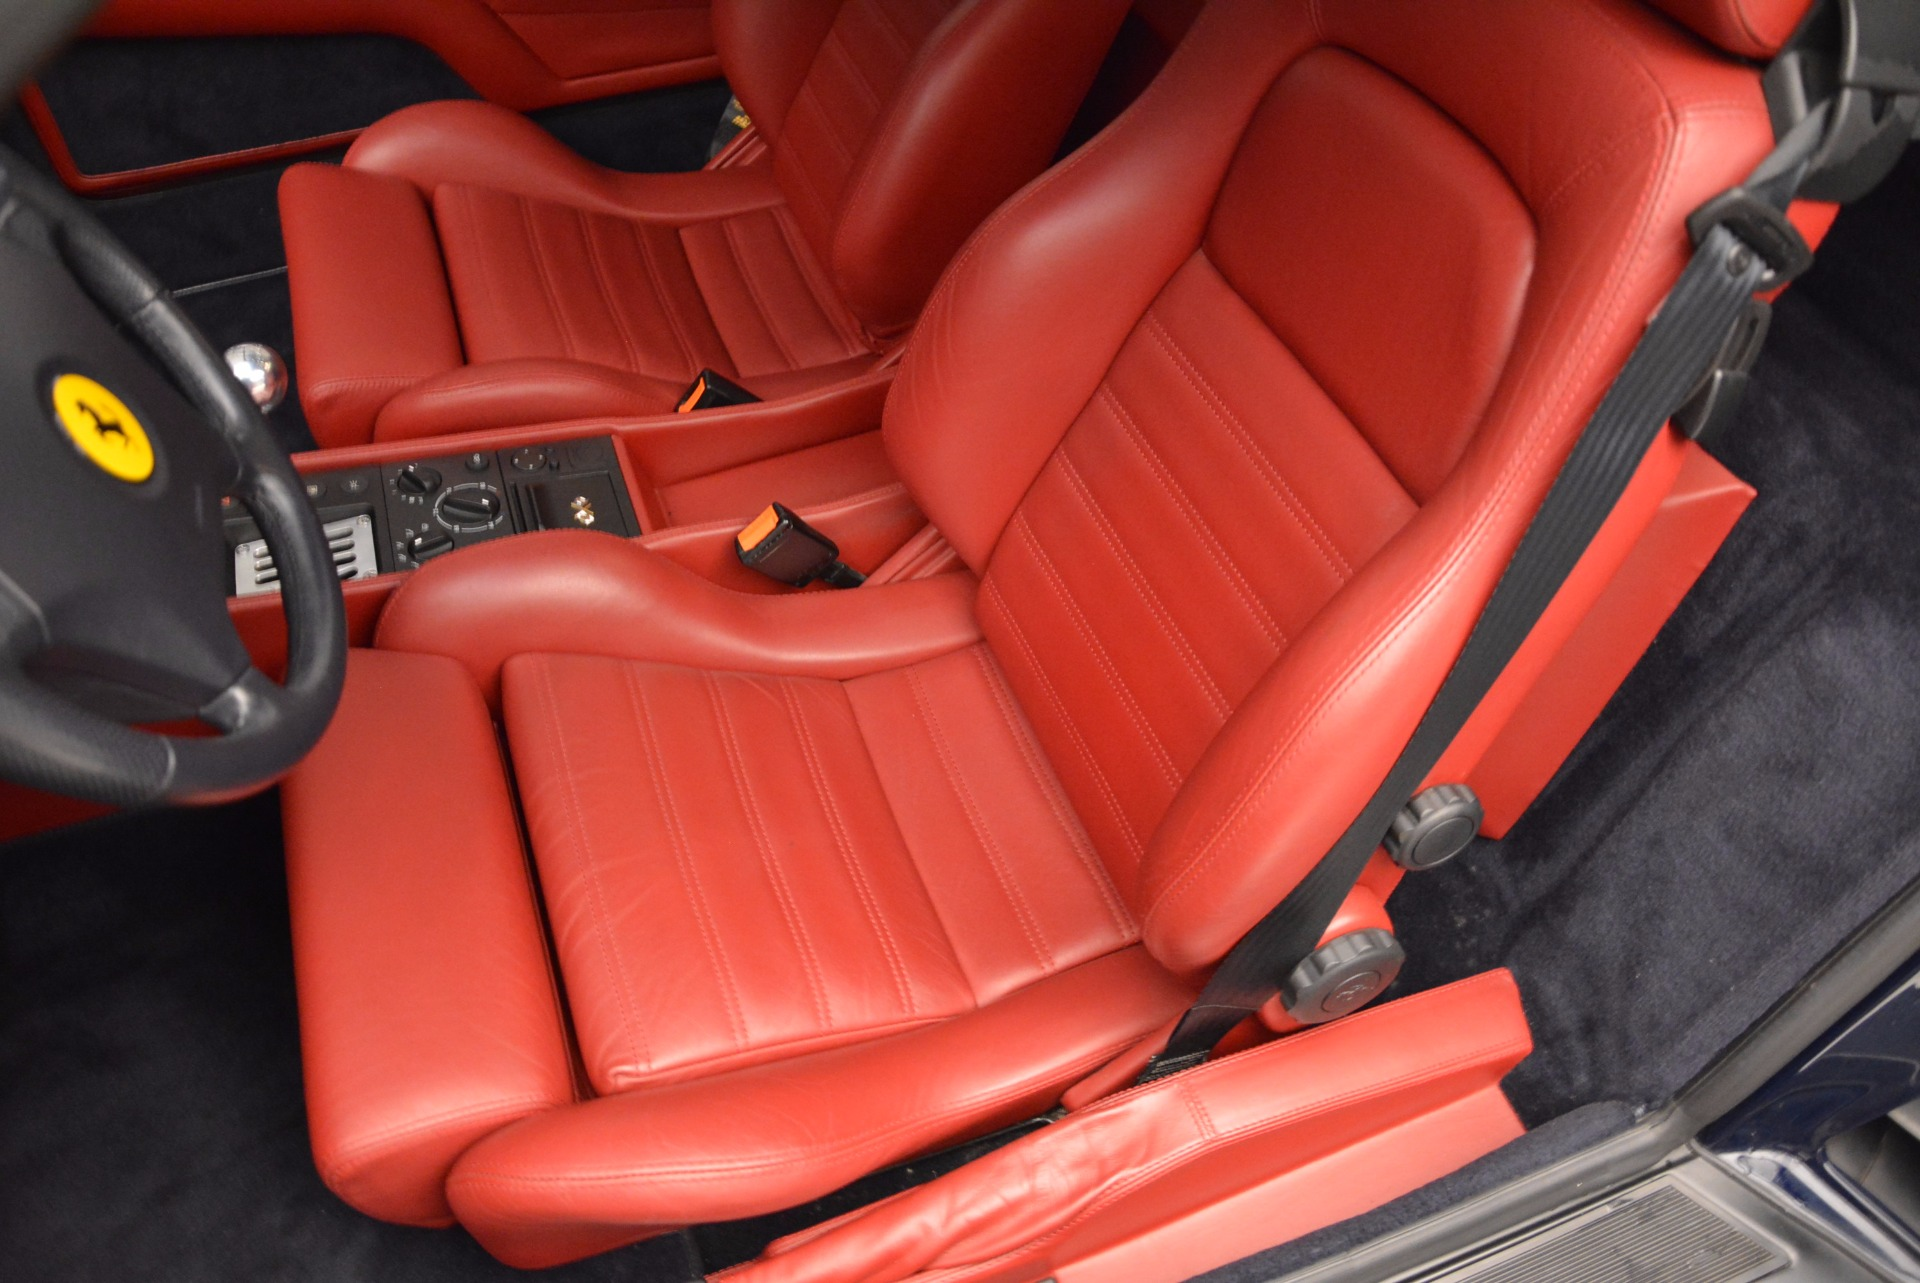 Used 1999 Ferrari 355 Berlinetta For Sale In Greenwich, CT. Alfa Romeo of Greenwich, 4357 855_p16